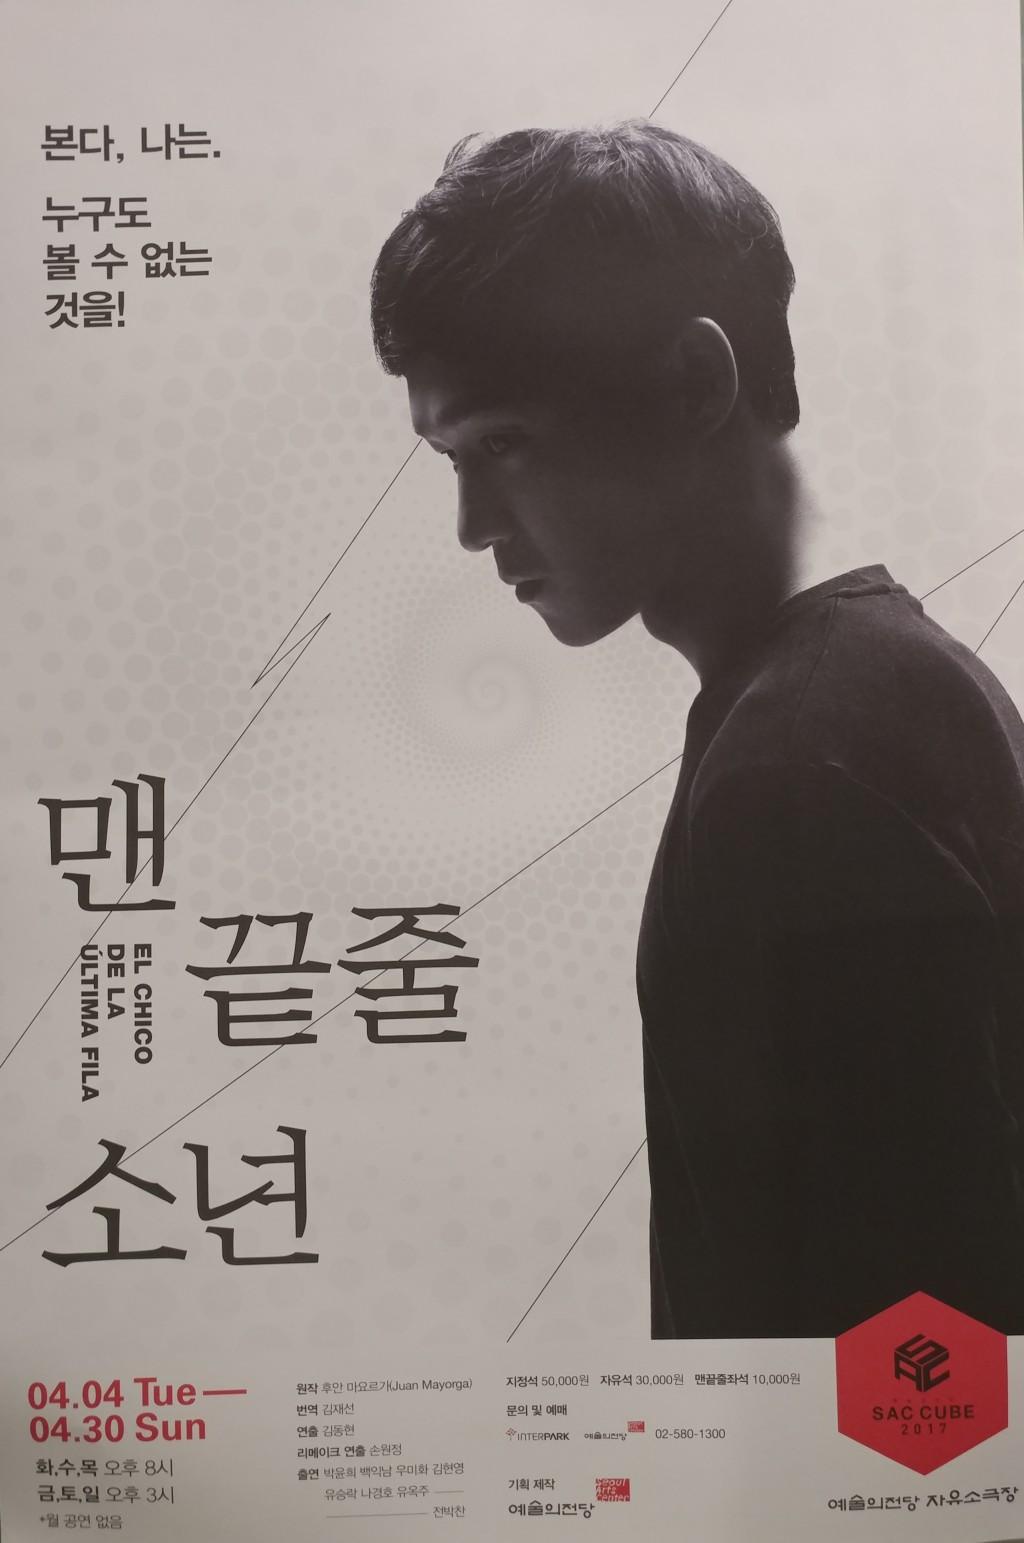 2017년 4월 13일 맨 끝줄 소년 - 예술의전당 자유소극장